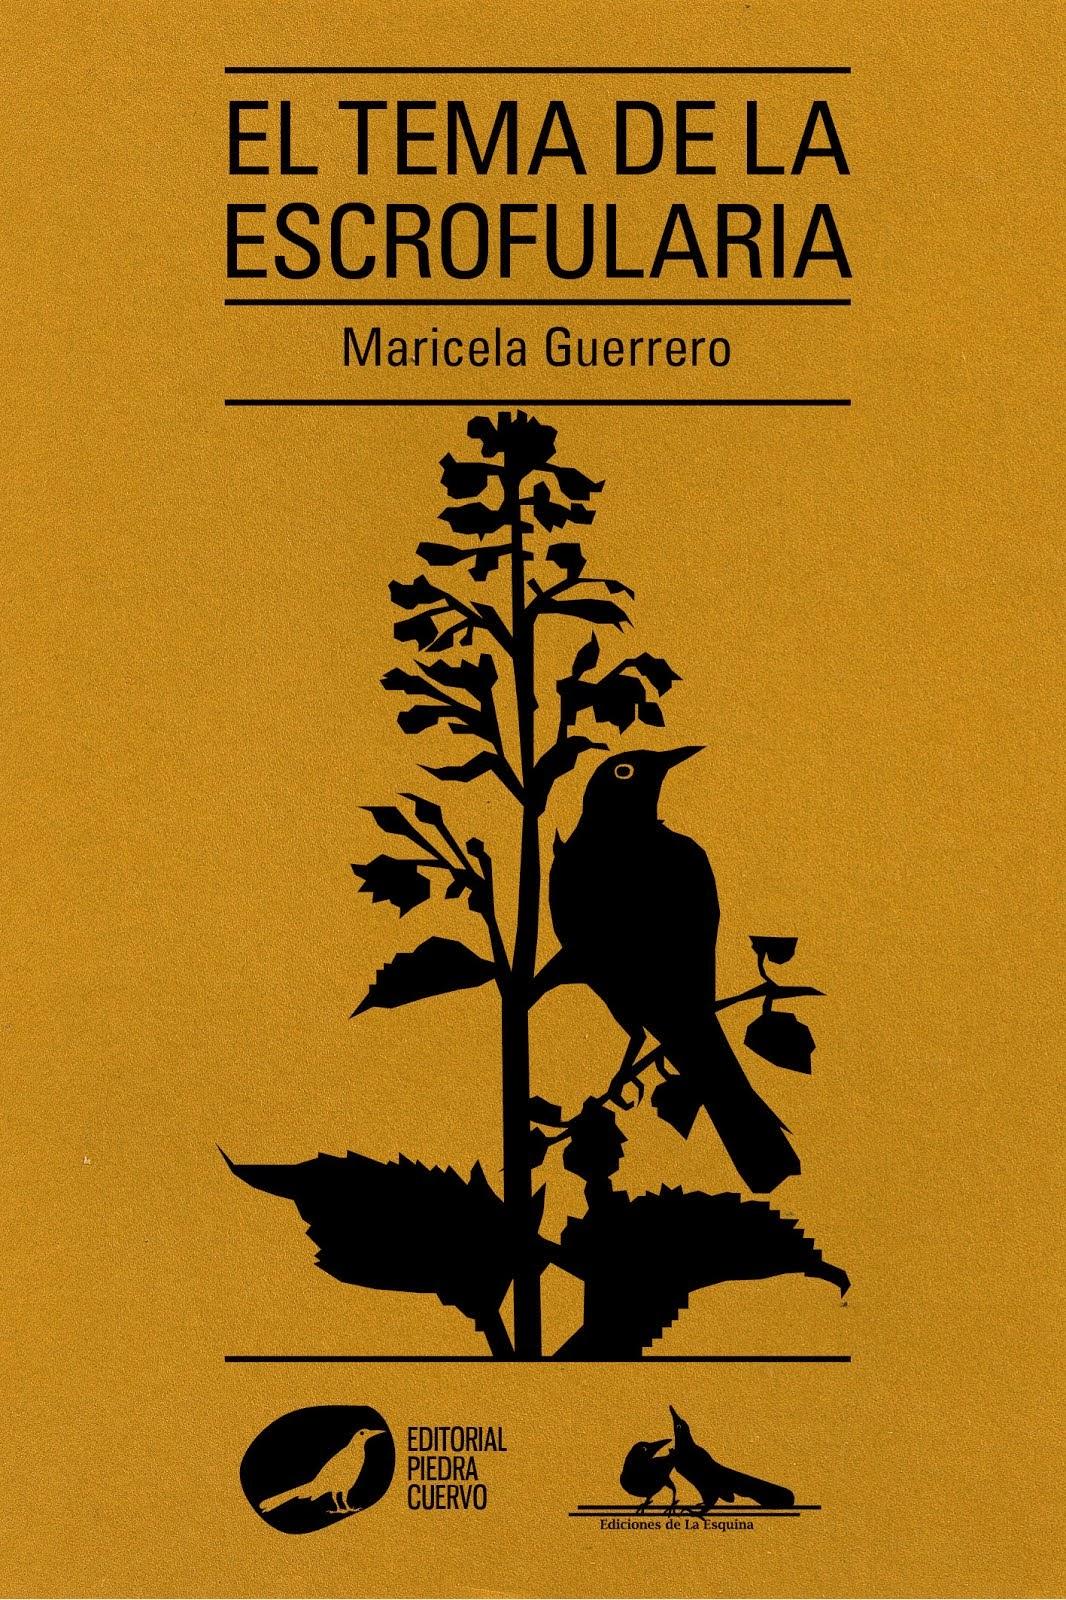 El tema de la escrofularia de Maricela Guerrero